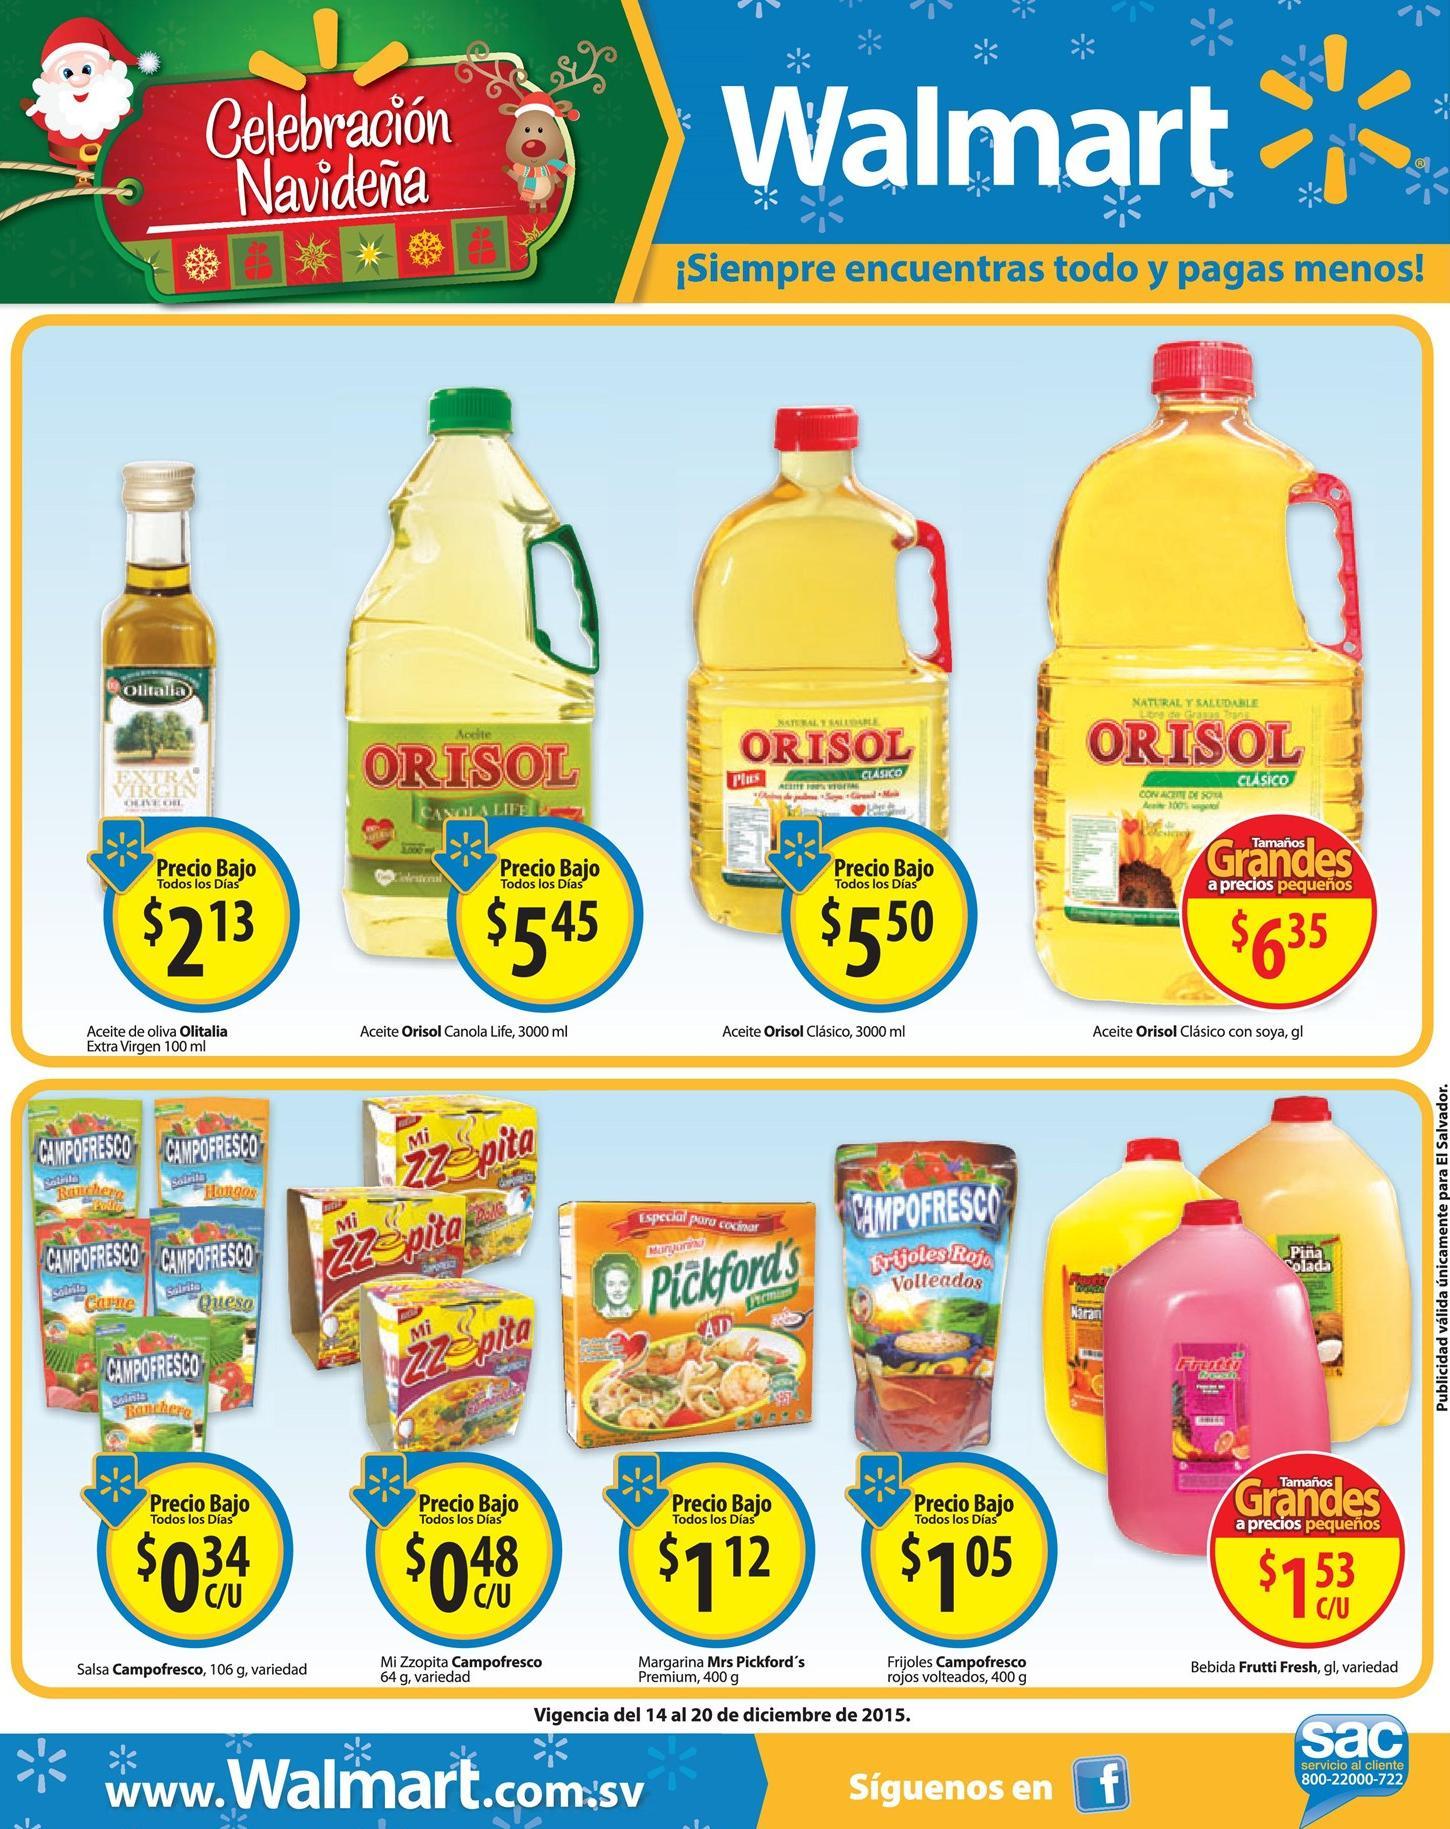 Precios bajos en tus compras WALMART navidad - 15dic15